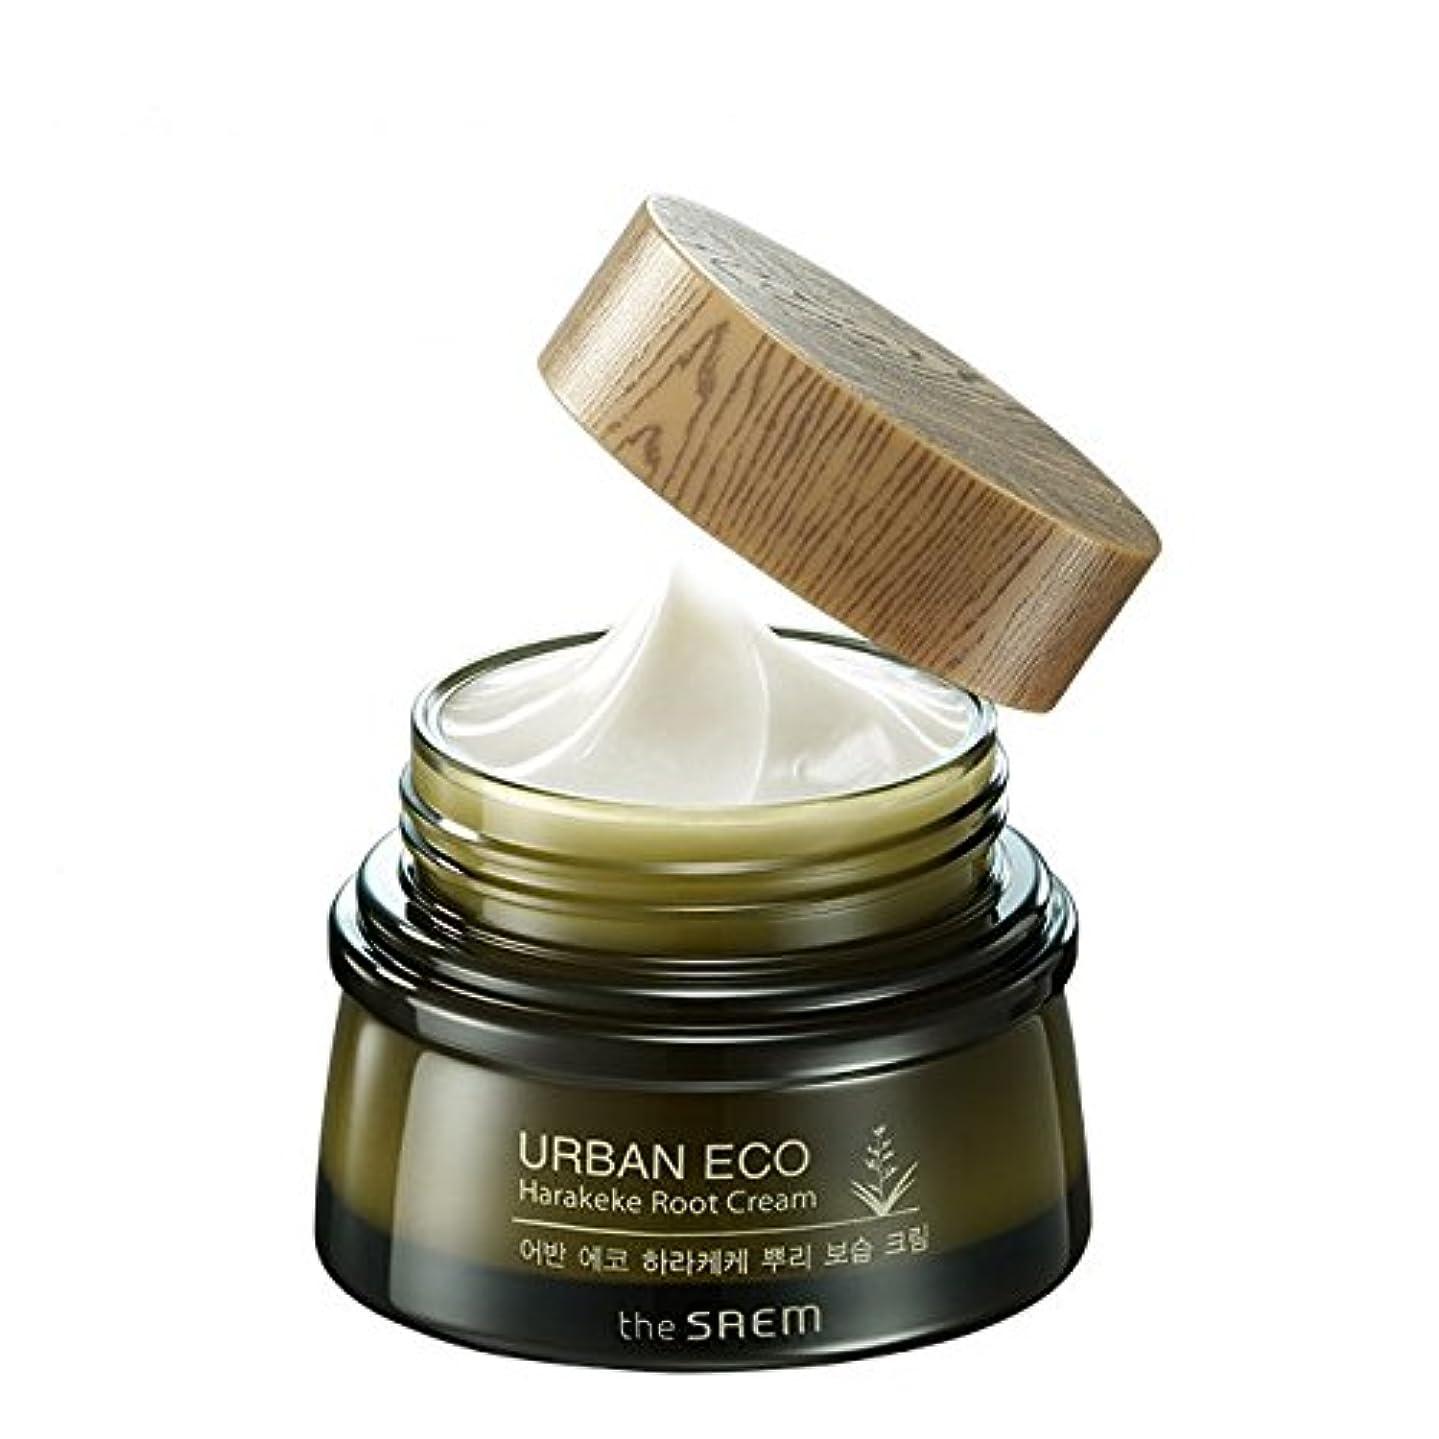 ゼロカップ保持する[ザセム] The Saem [アーバンエコ ハラケケ 根保湿クリーム60ml (The Saem Urban Eco Harakeke Root Cream60ml)